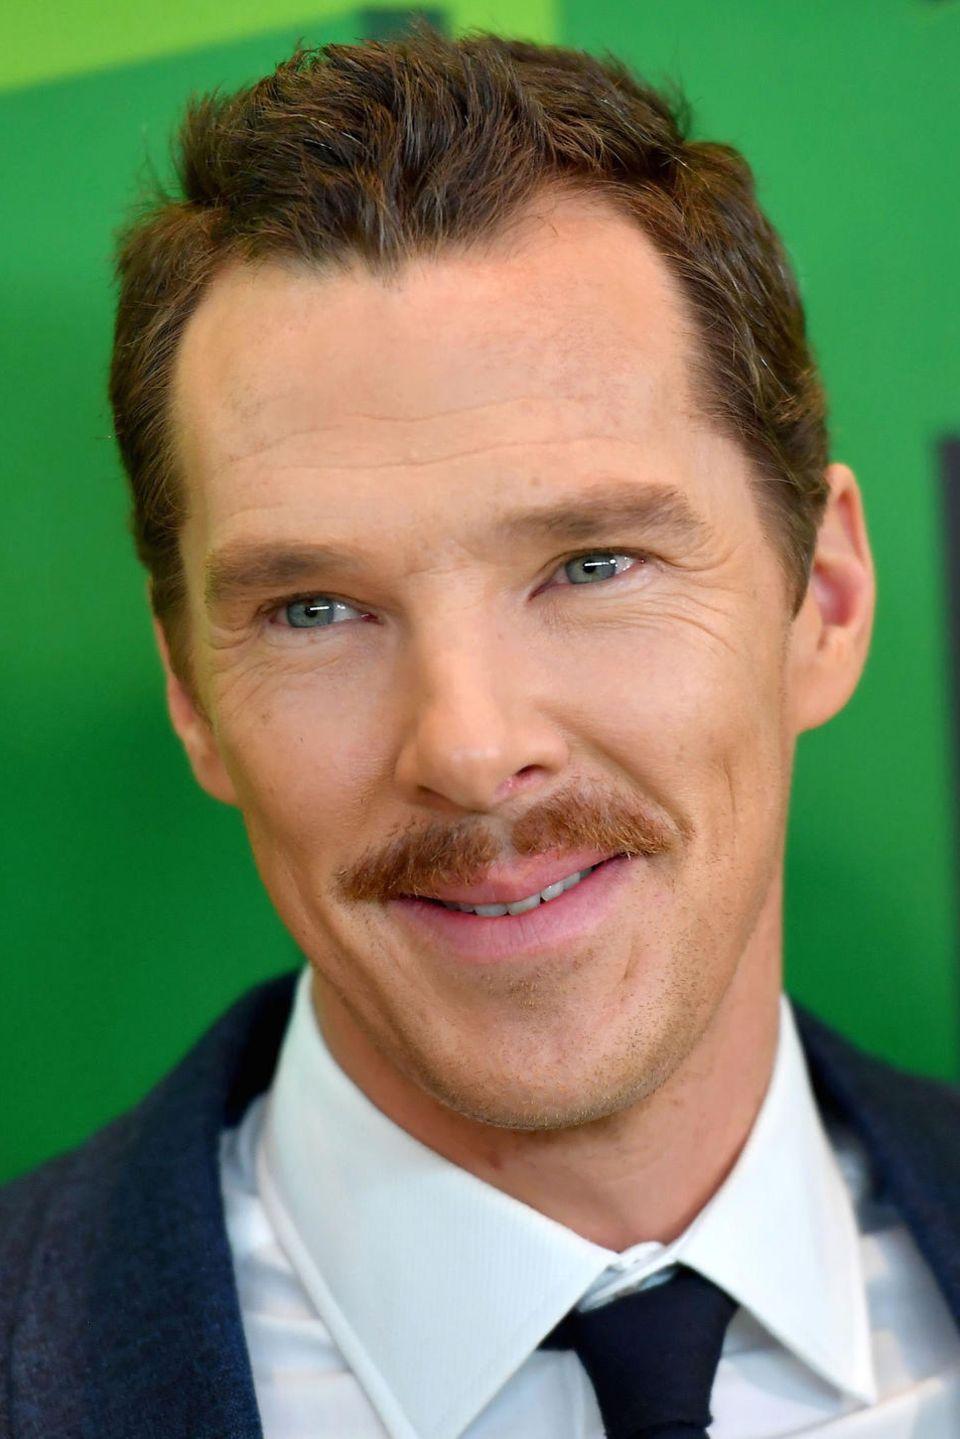 3. November 2018  Für die Fans dürfte seinLook allerdings überraschend sein, jetzt können sie Benedict mit nagelneuem Schnurrbart anhimmeln.